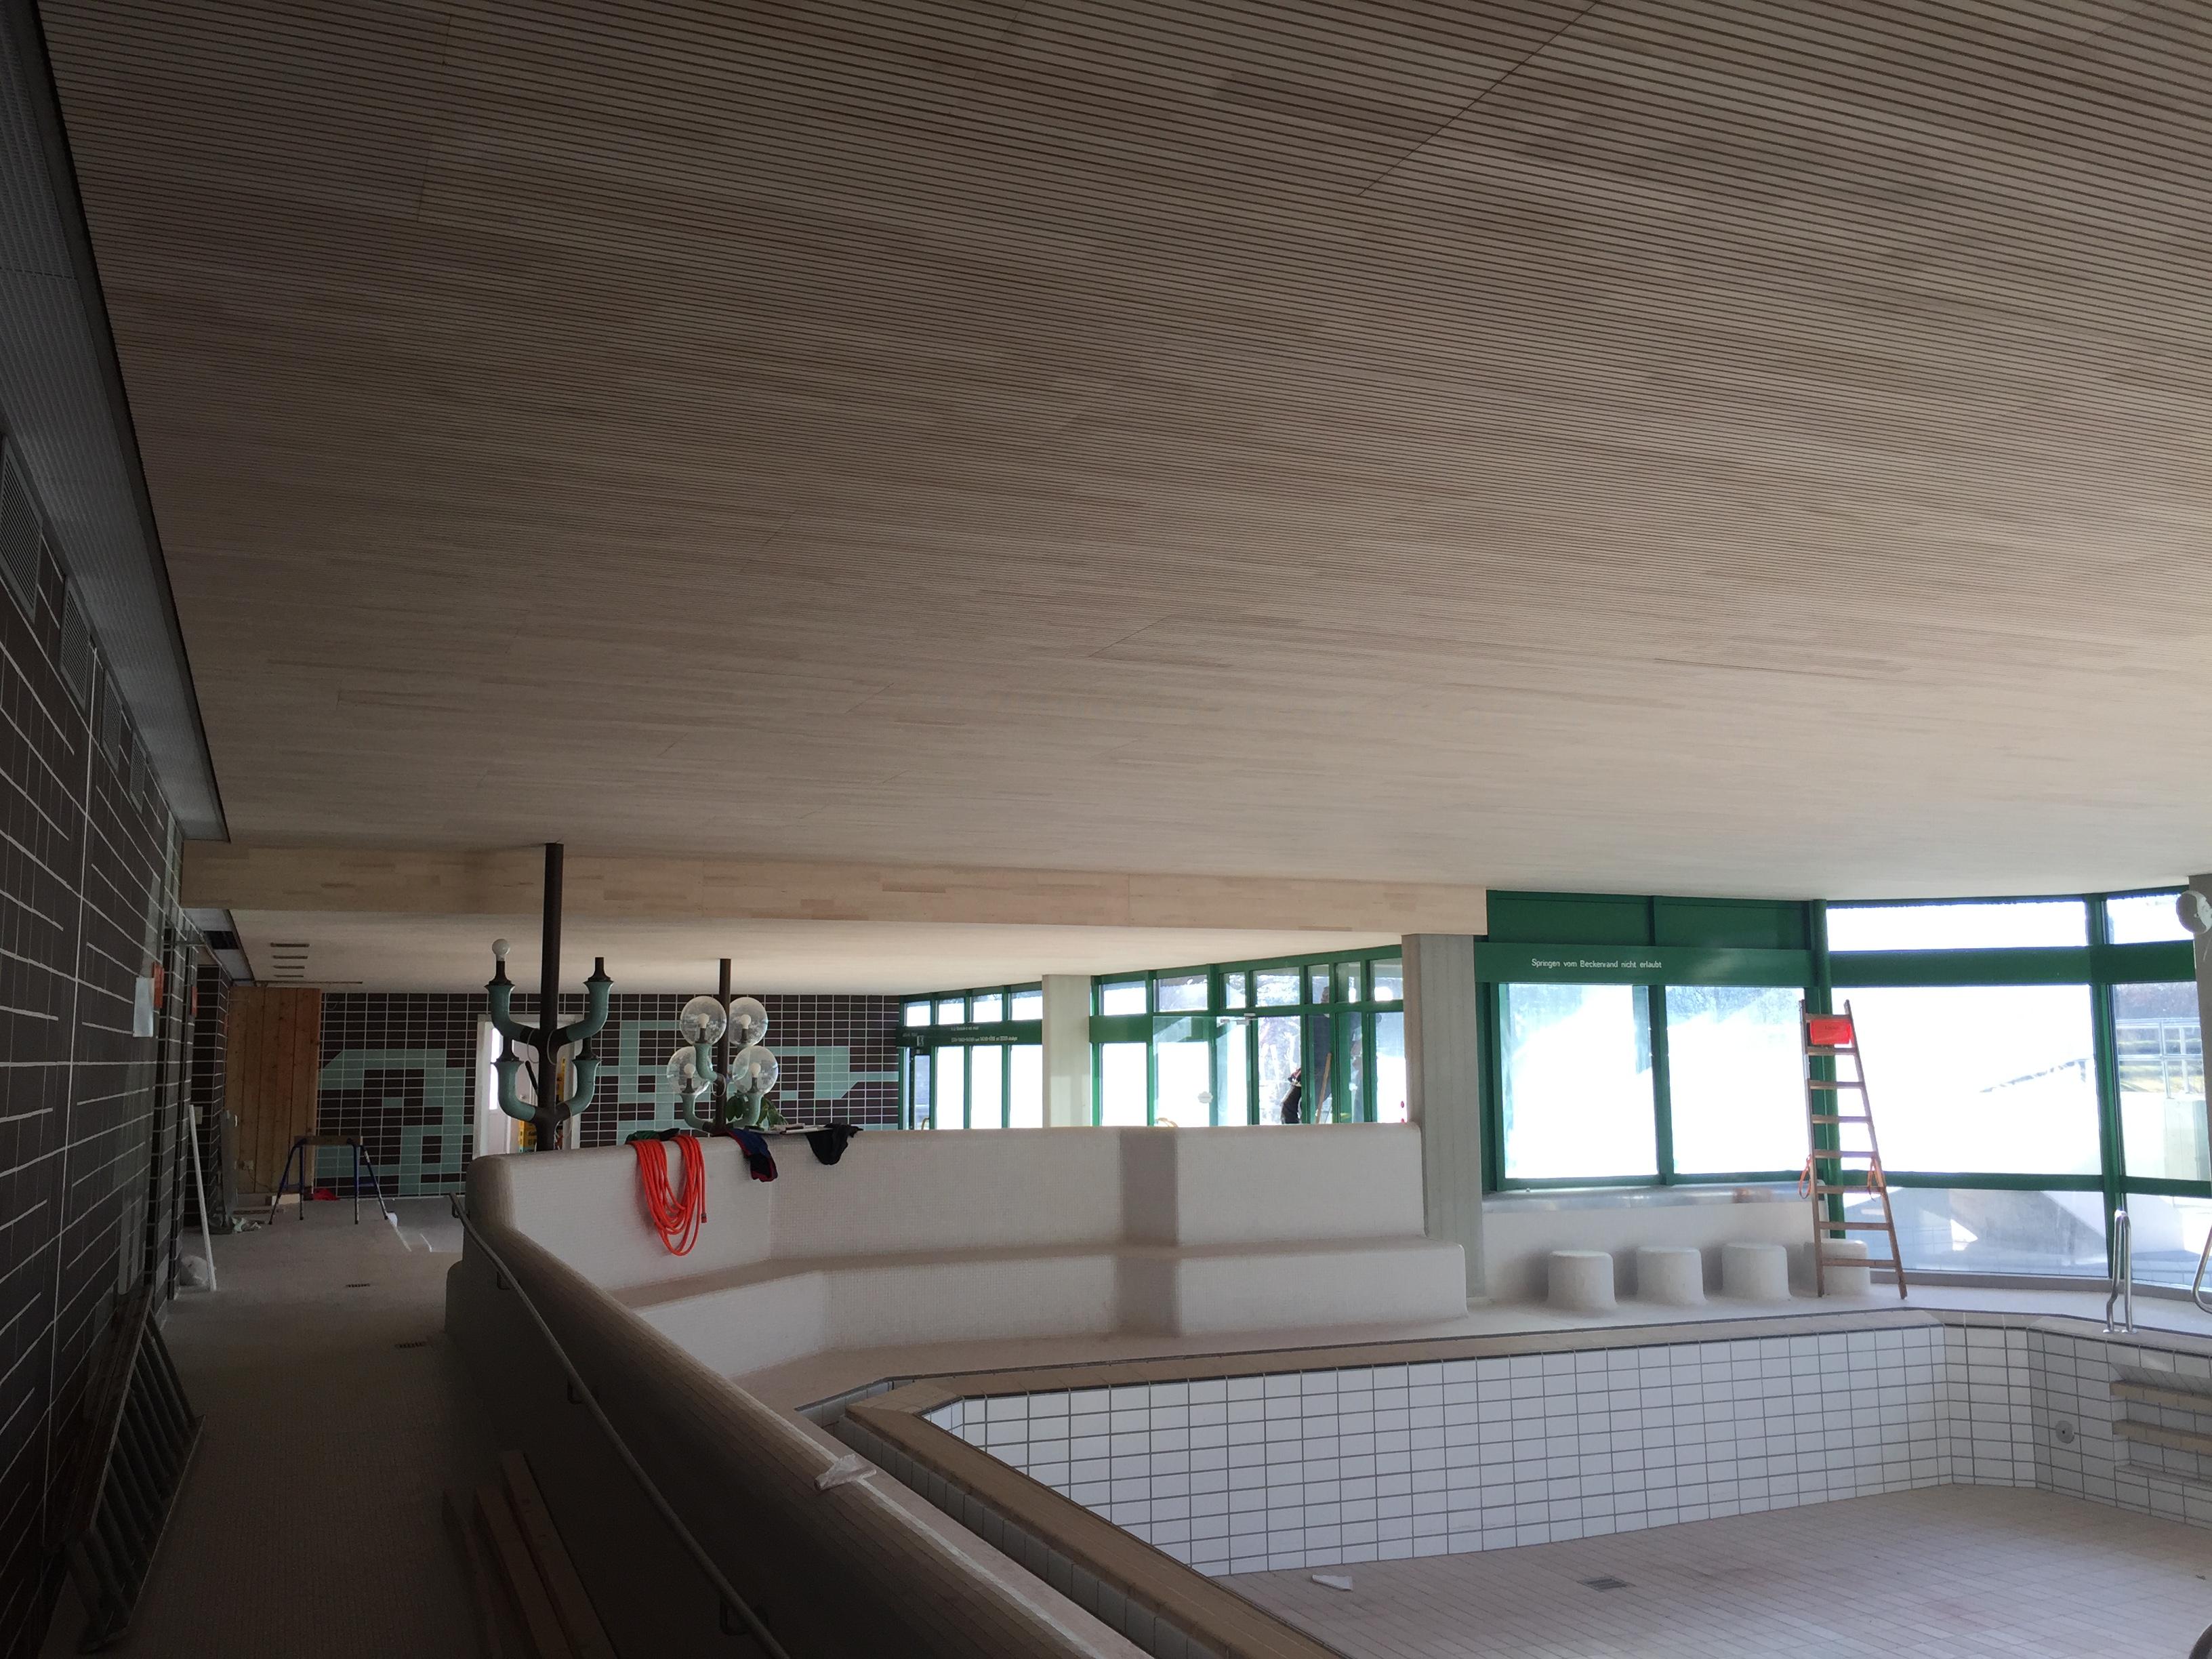 Akustikdecke des Schwimmbads Peißenberg - Zimmerei Lenk